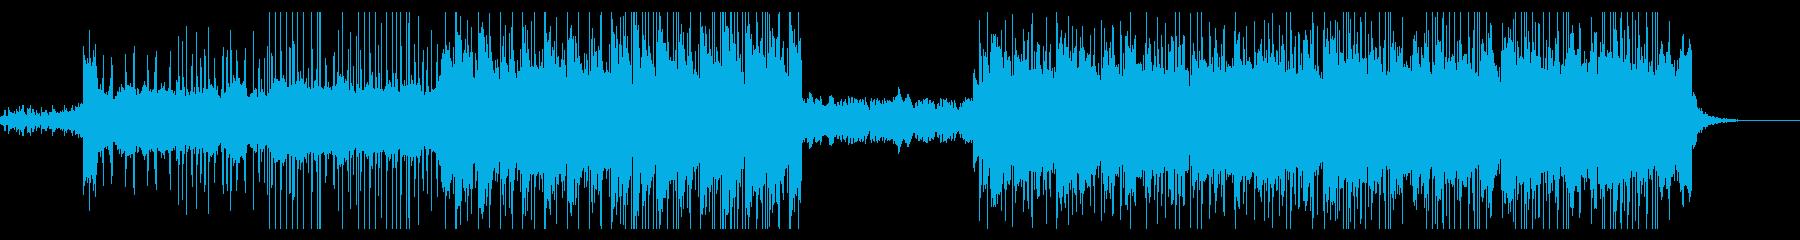 人気のある電子機器 トラップ ヒッ...の再生済みの波形